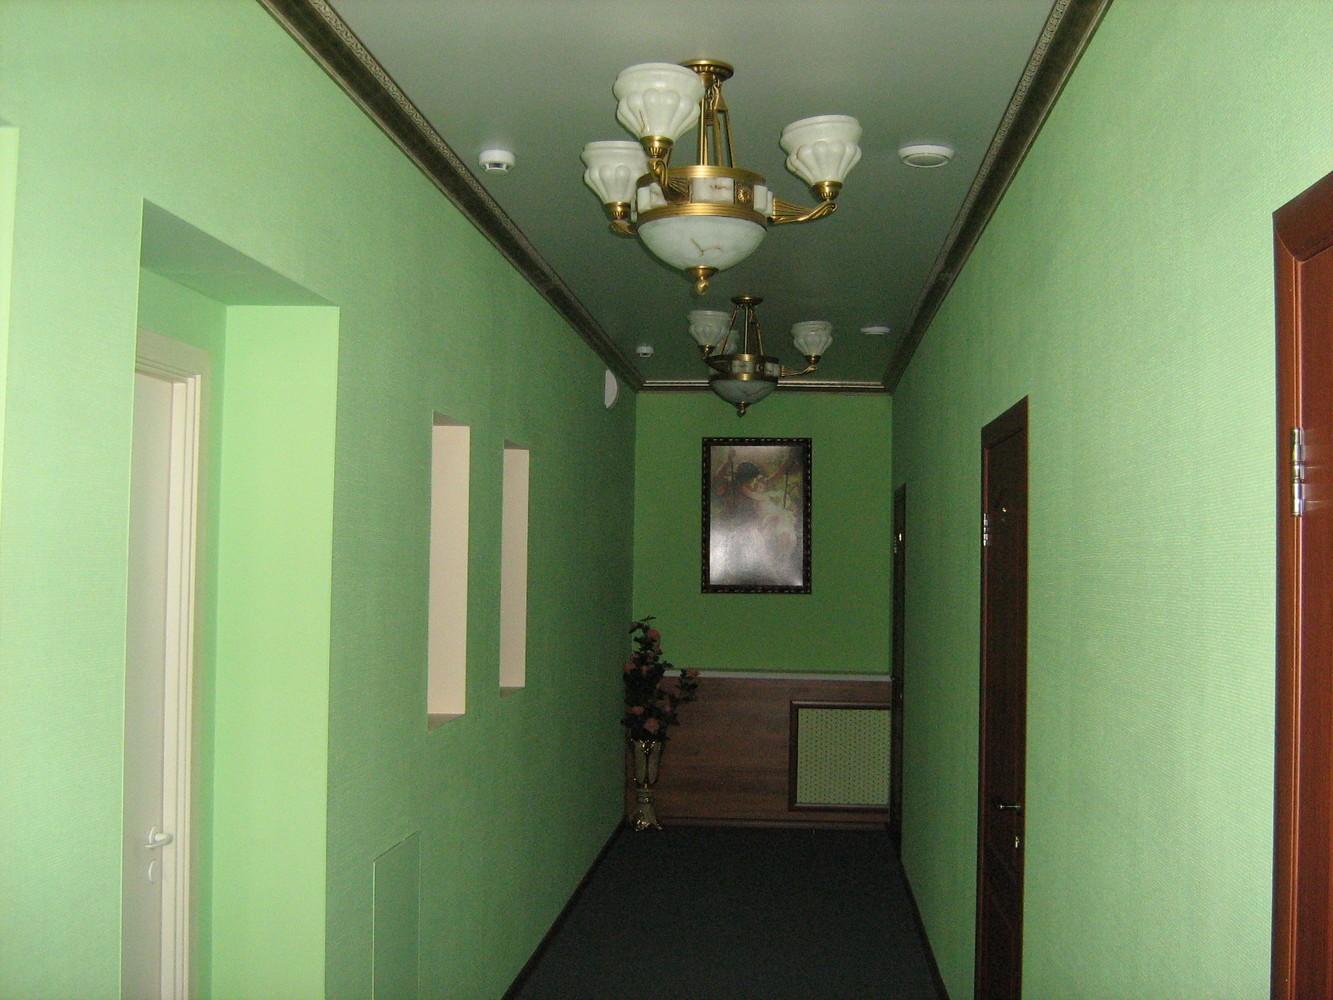 Сфера, гостиничный комплекс - №22